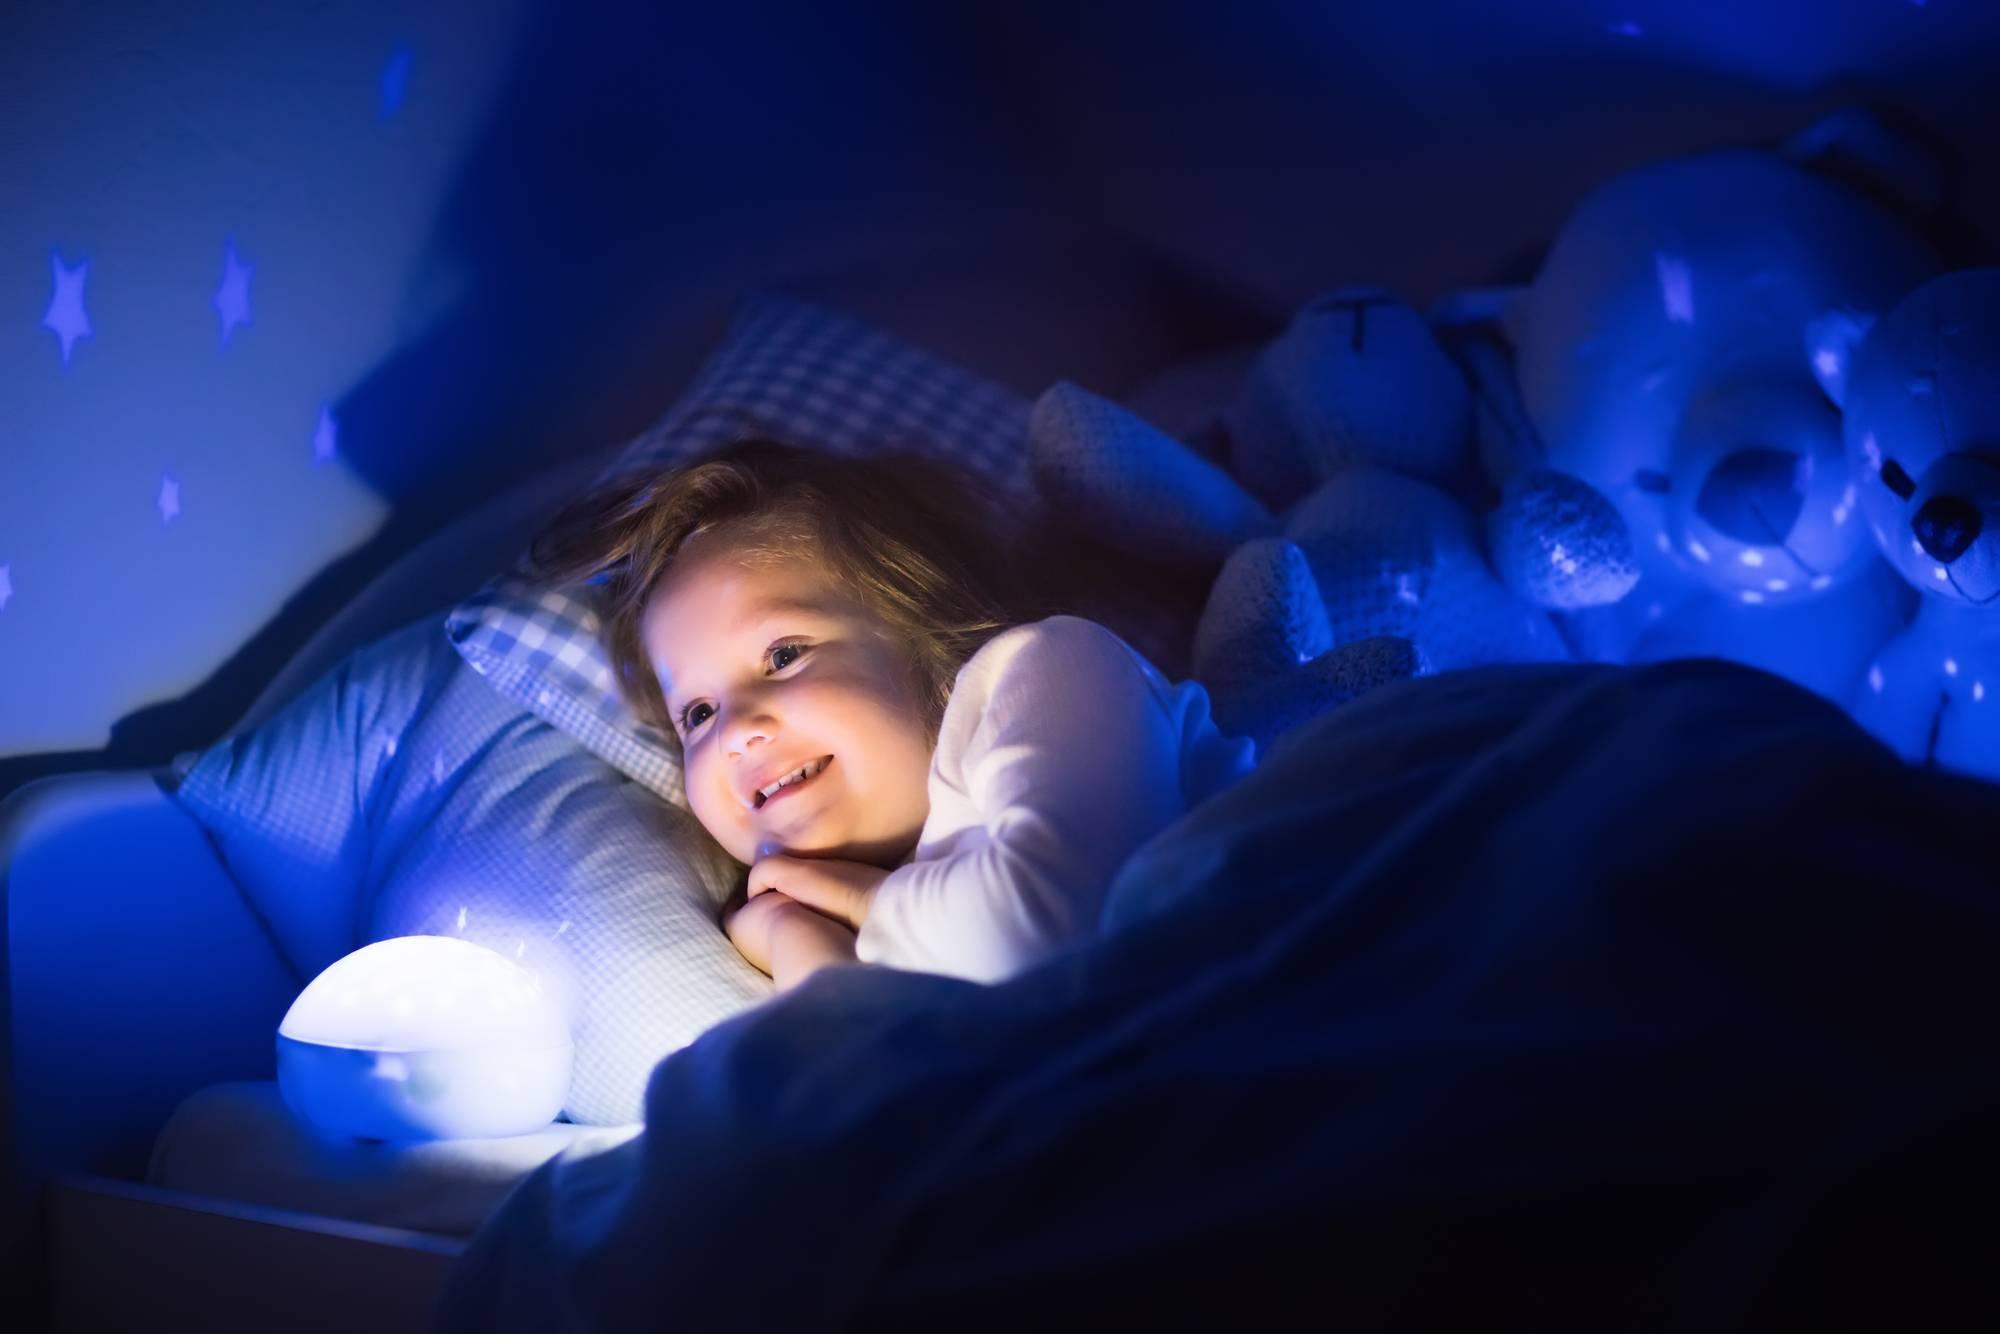 Детская психология: ребенок с трудом засыпает на ночь. рекомендации родителям (игры перед сном, успокаивающие сказки)